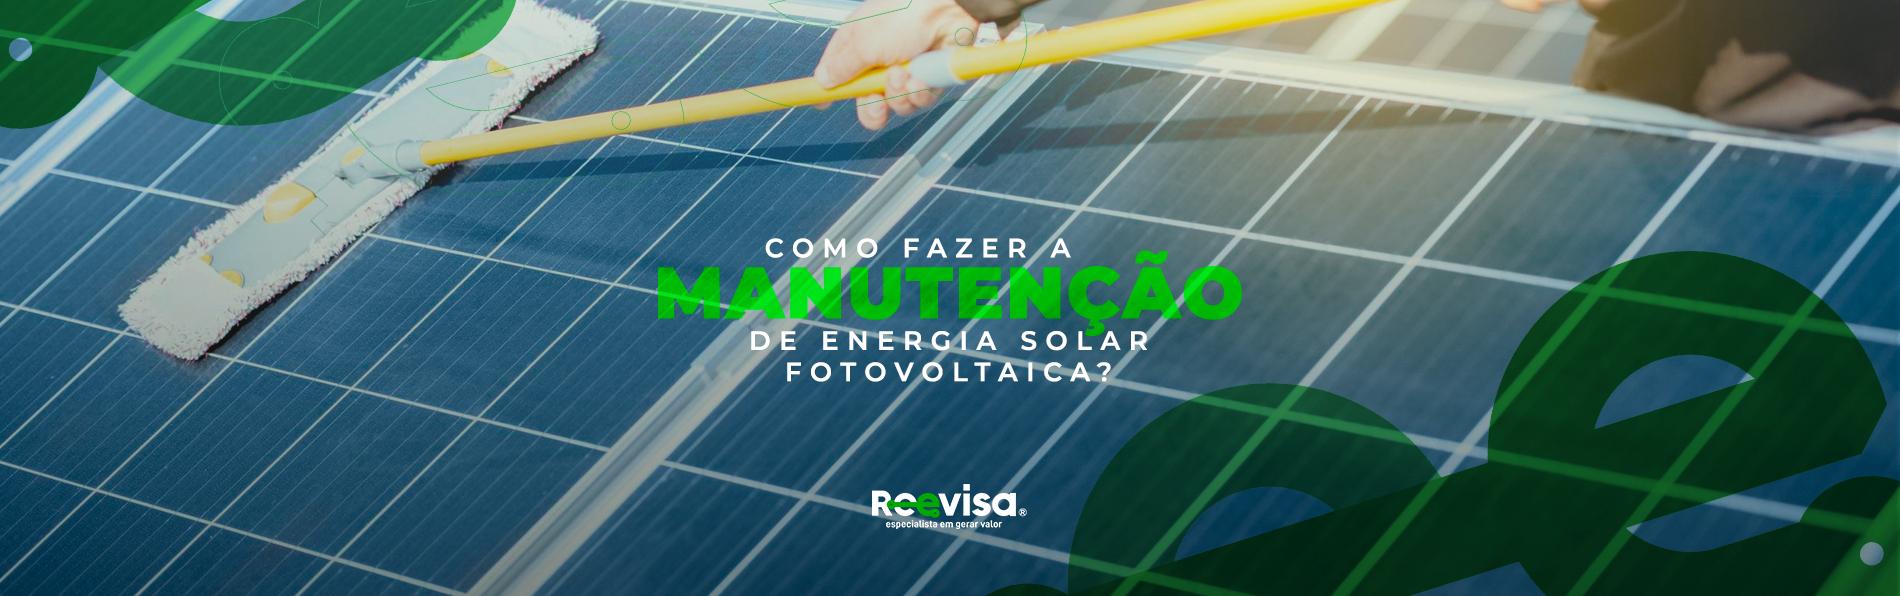 Energia solar fotovoltaica: como fazer a manutenção?